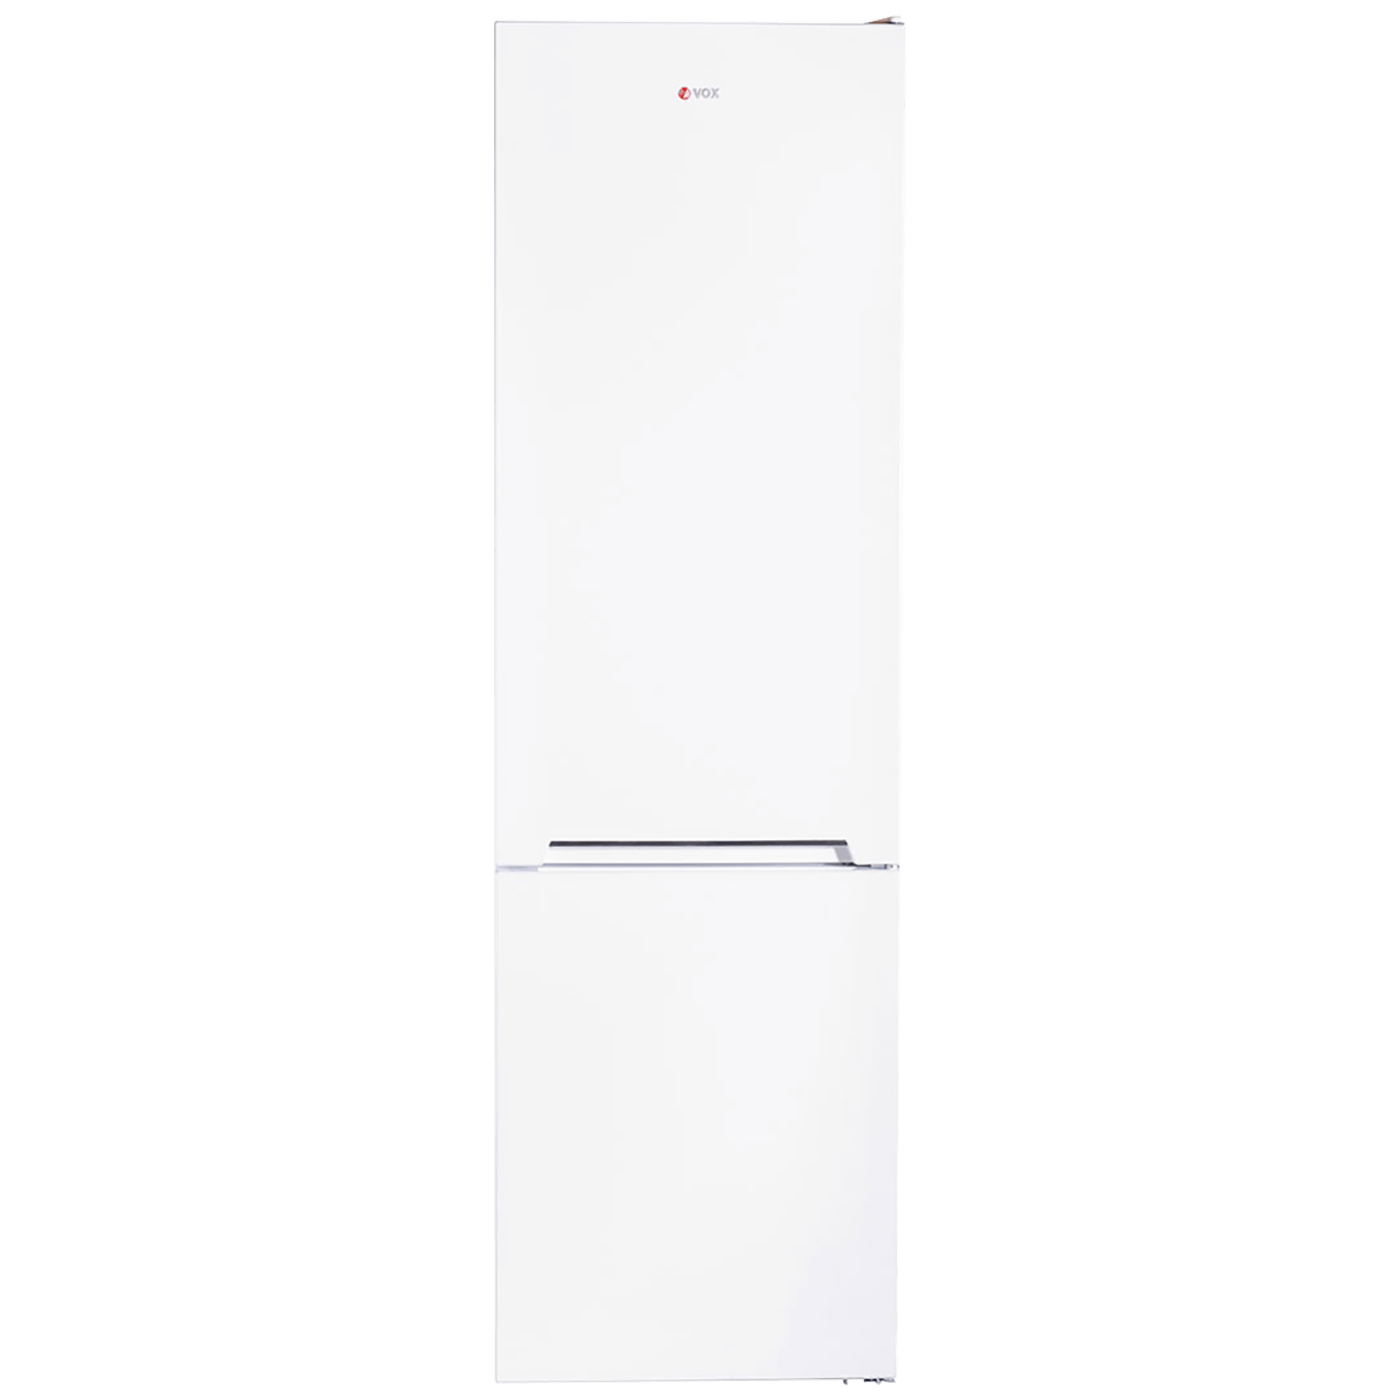 Frižider/zamrzivač, neto zapremina 367 lit., F